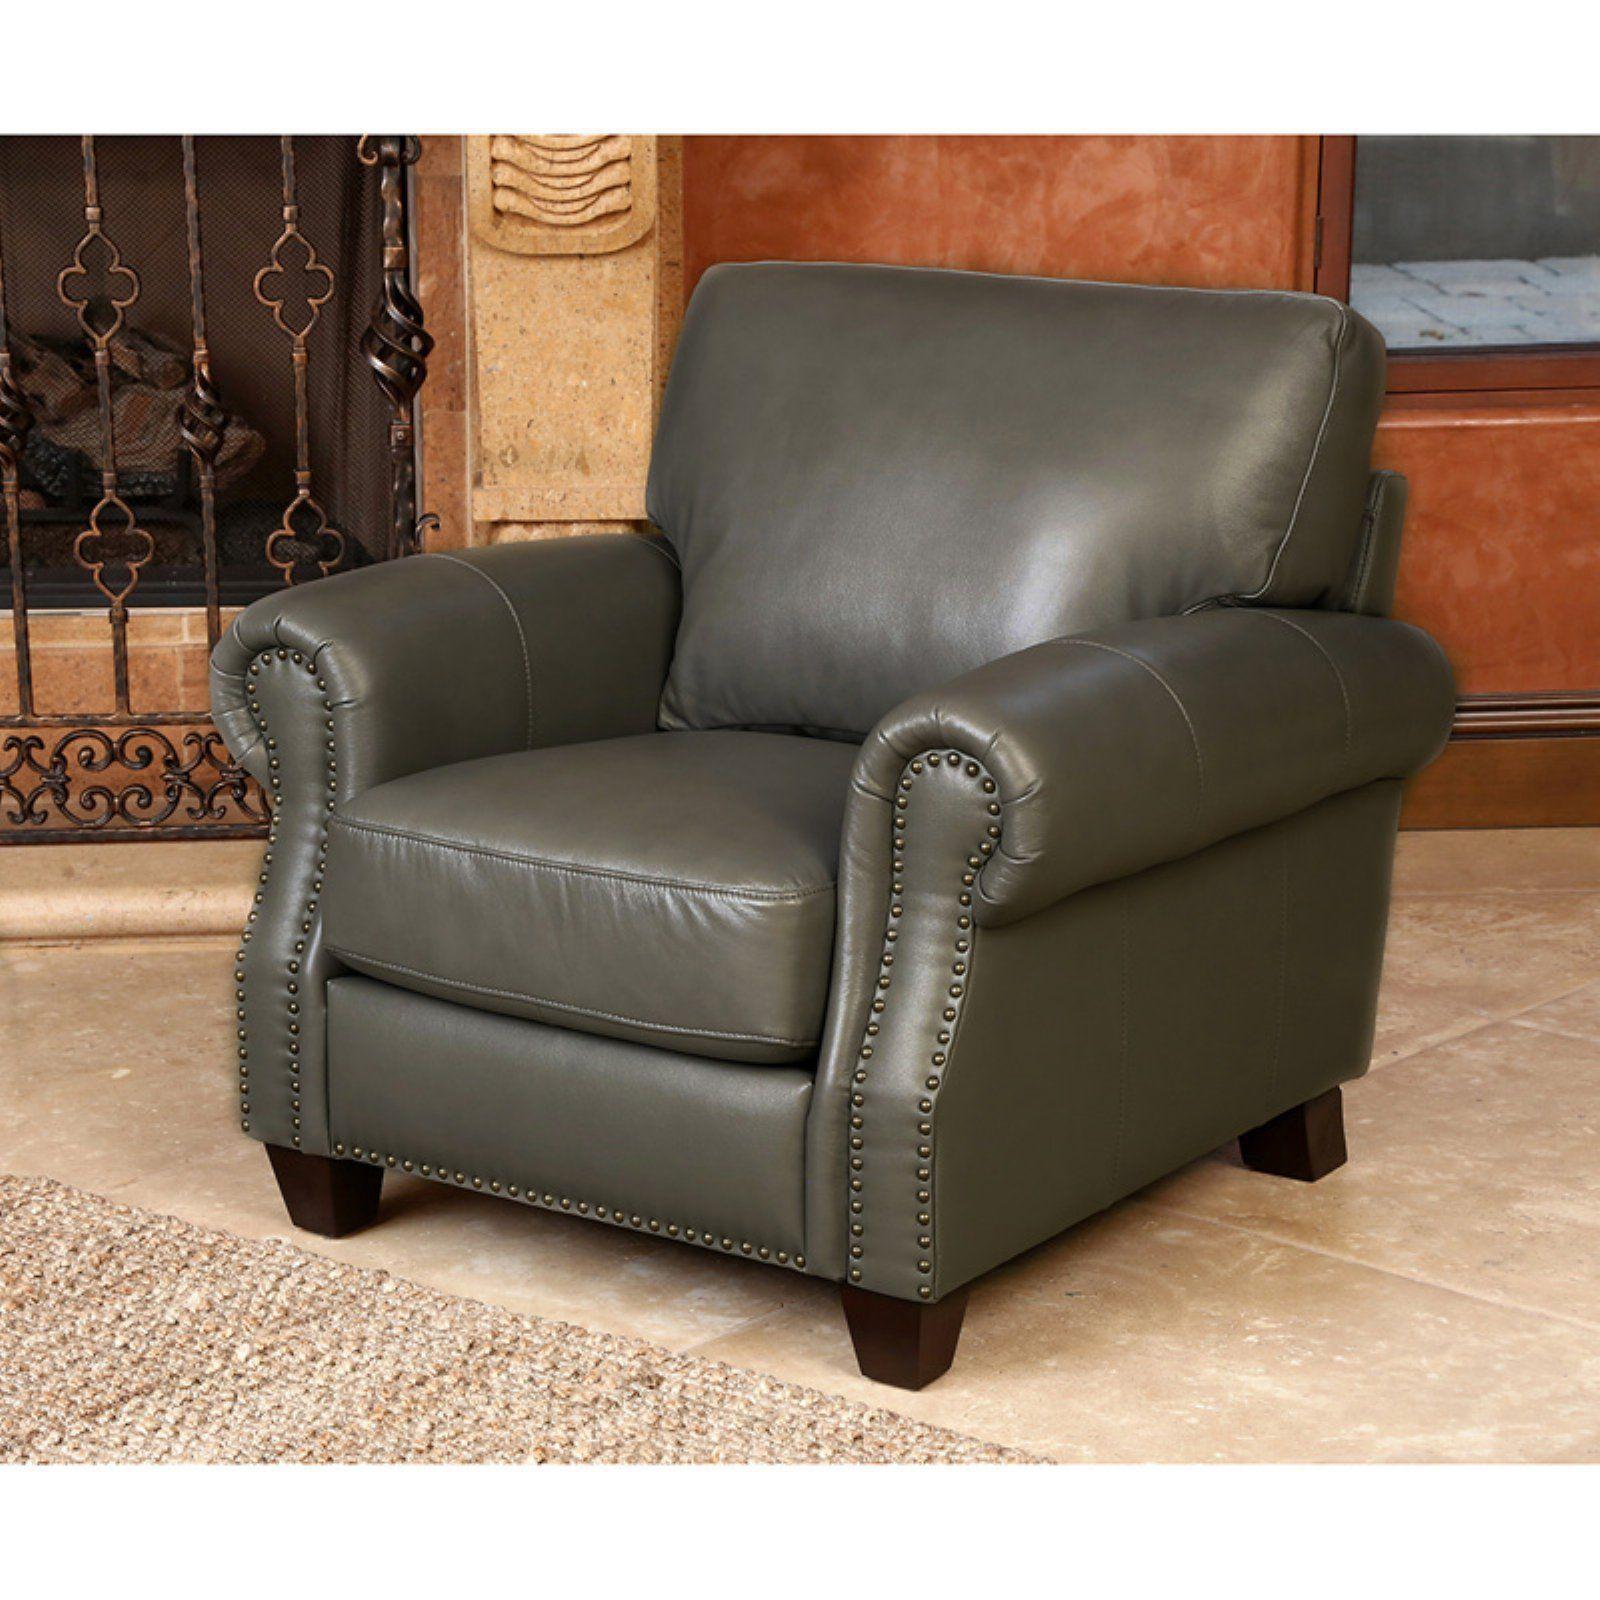 Abbyson lister grey leather armchair top grain leather